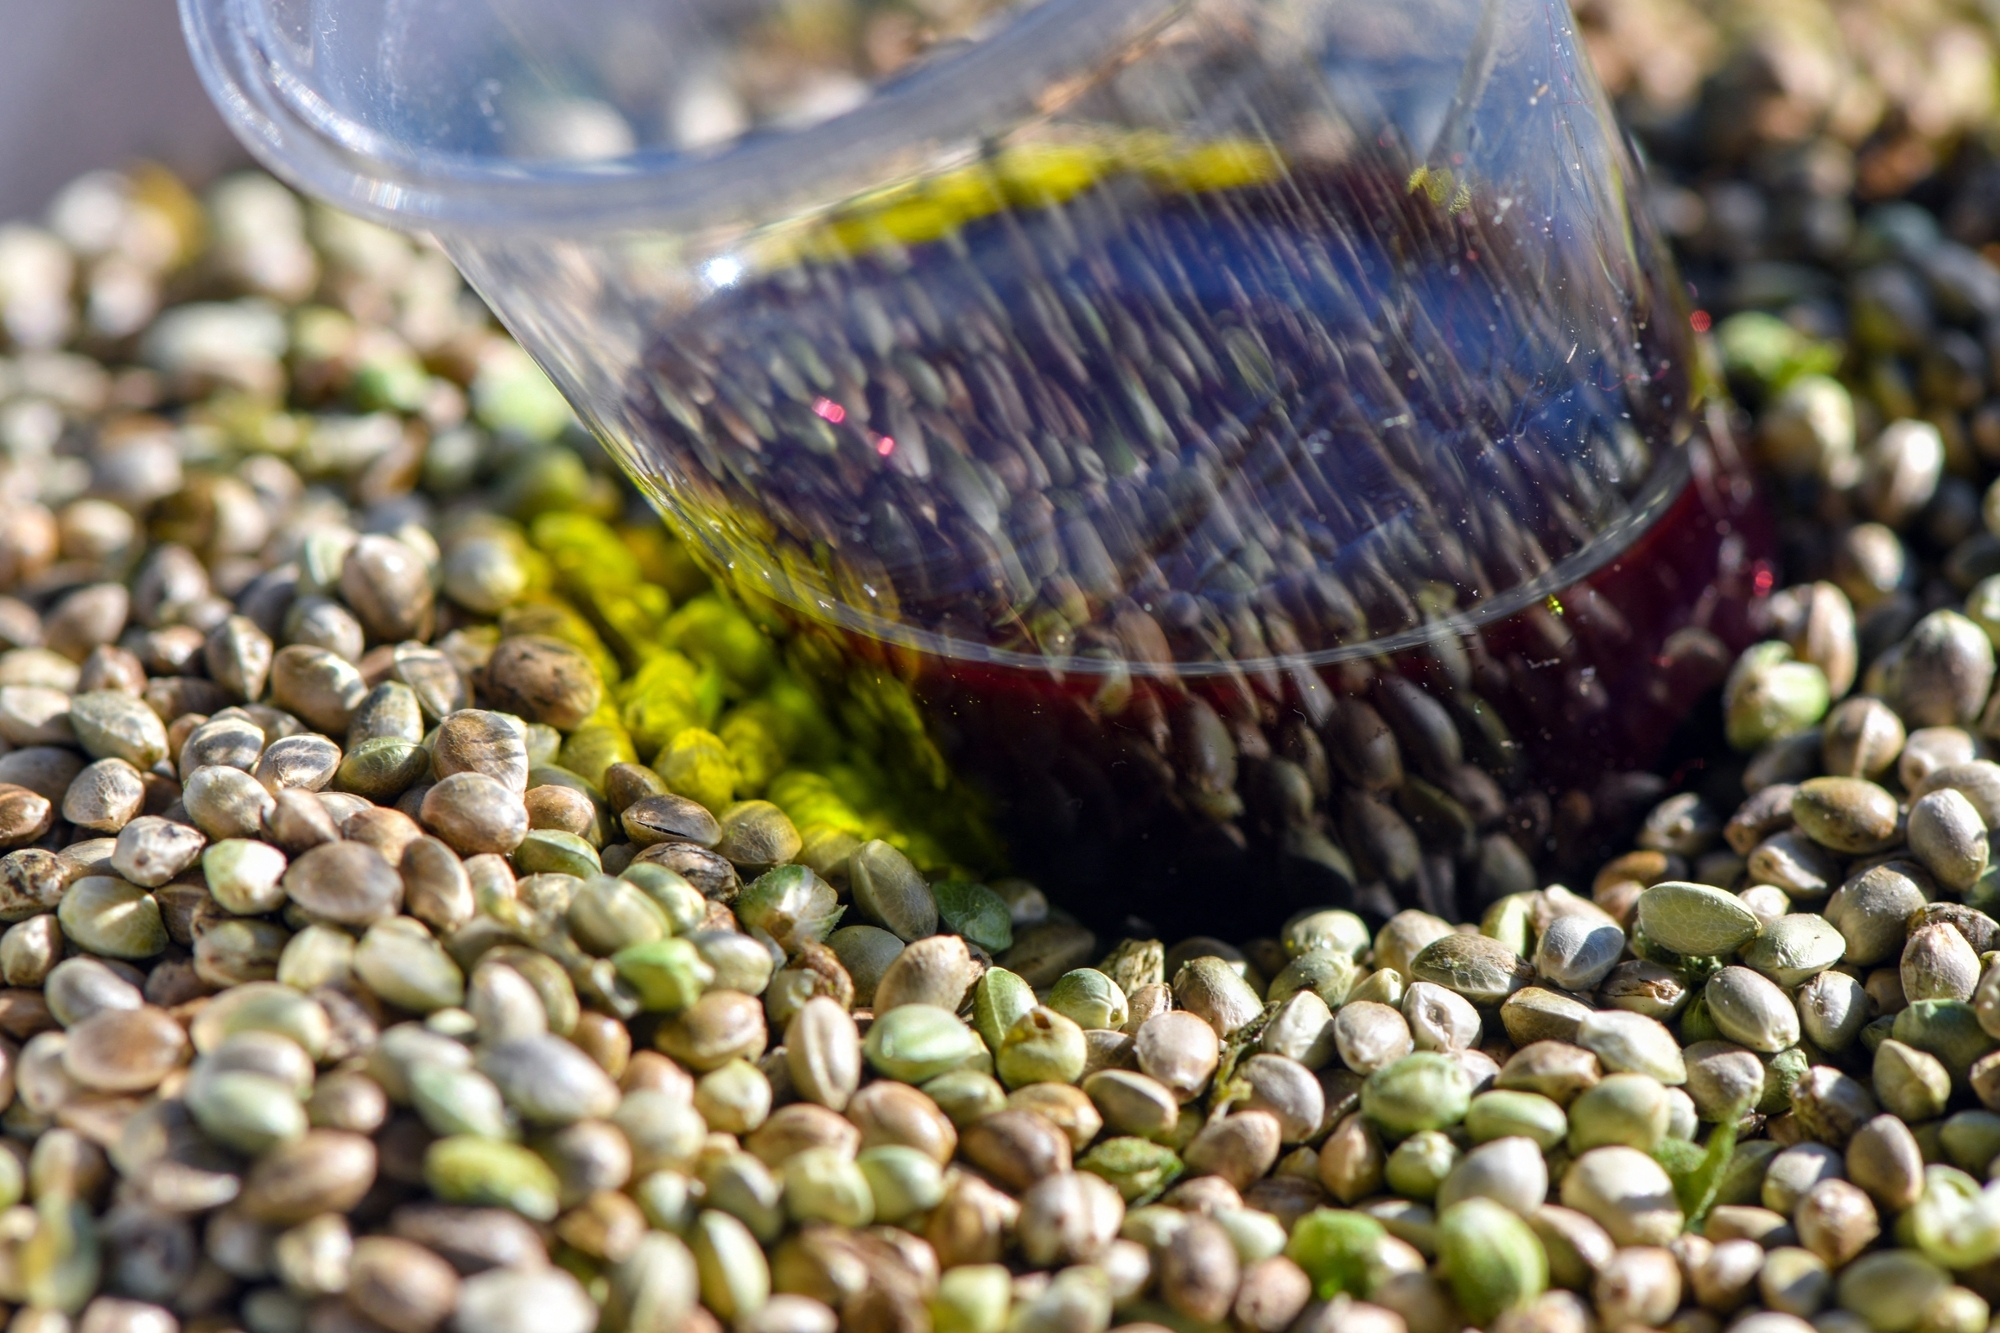 La graine de chanvre, très riche en oméga-3, est également une bonne source de protéines.